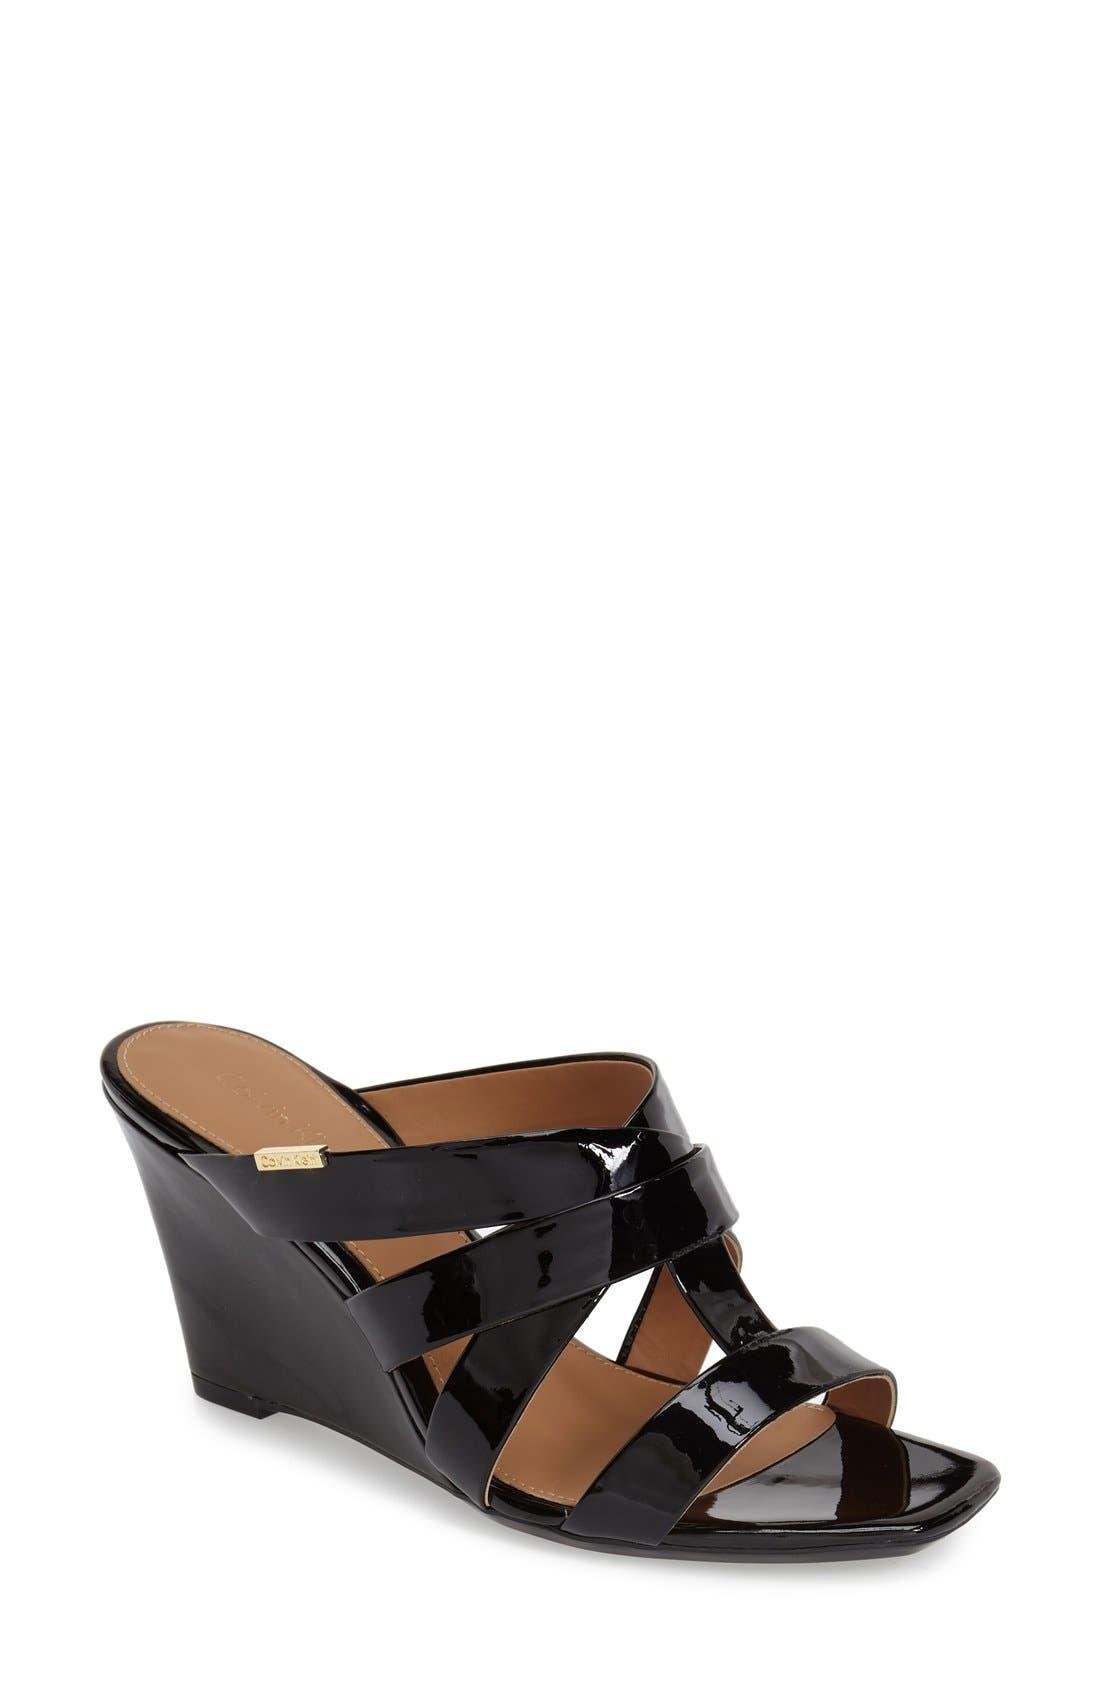 CALVIN KLEIN 'Nona' Wedge Sandal, Main, color, 001